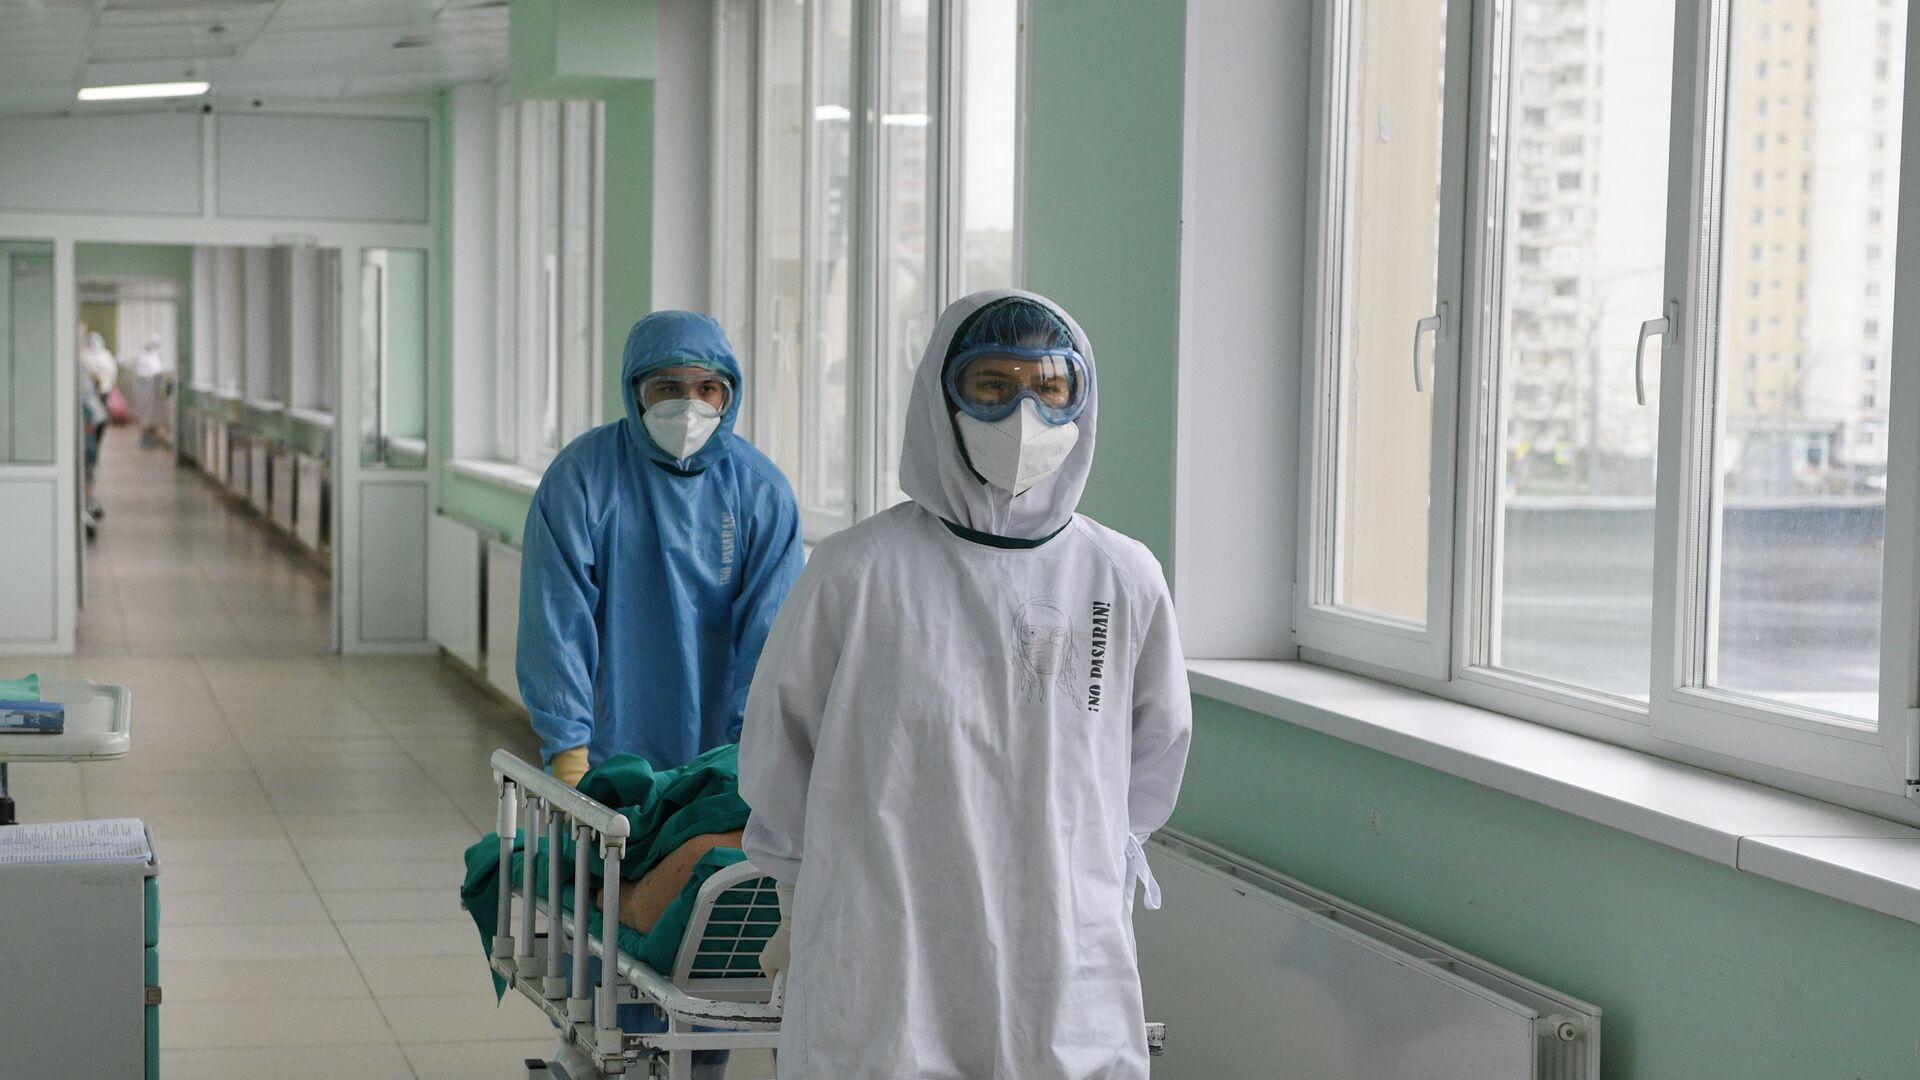 Медицинские работники везут пациента в ковид-госпитале - Sputnik Таджикистан, 1920, 14.06.2021